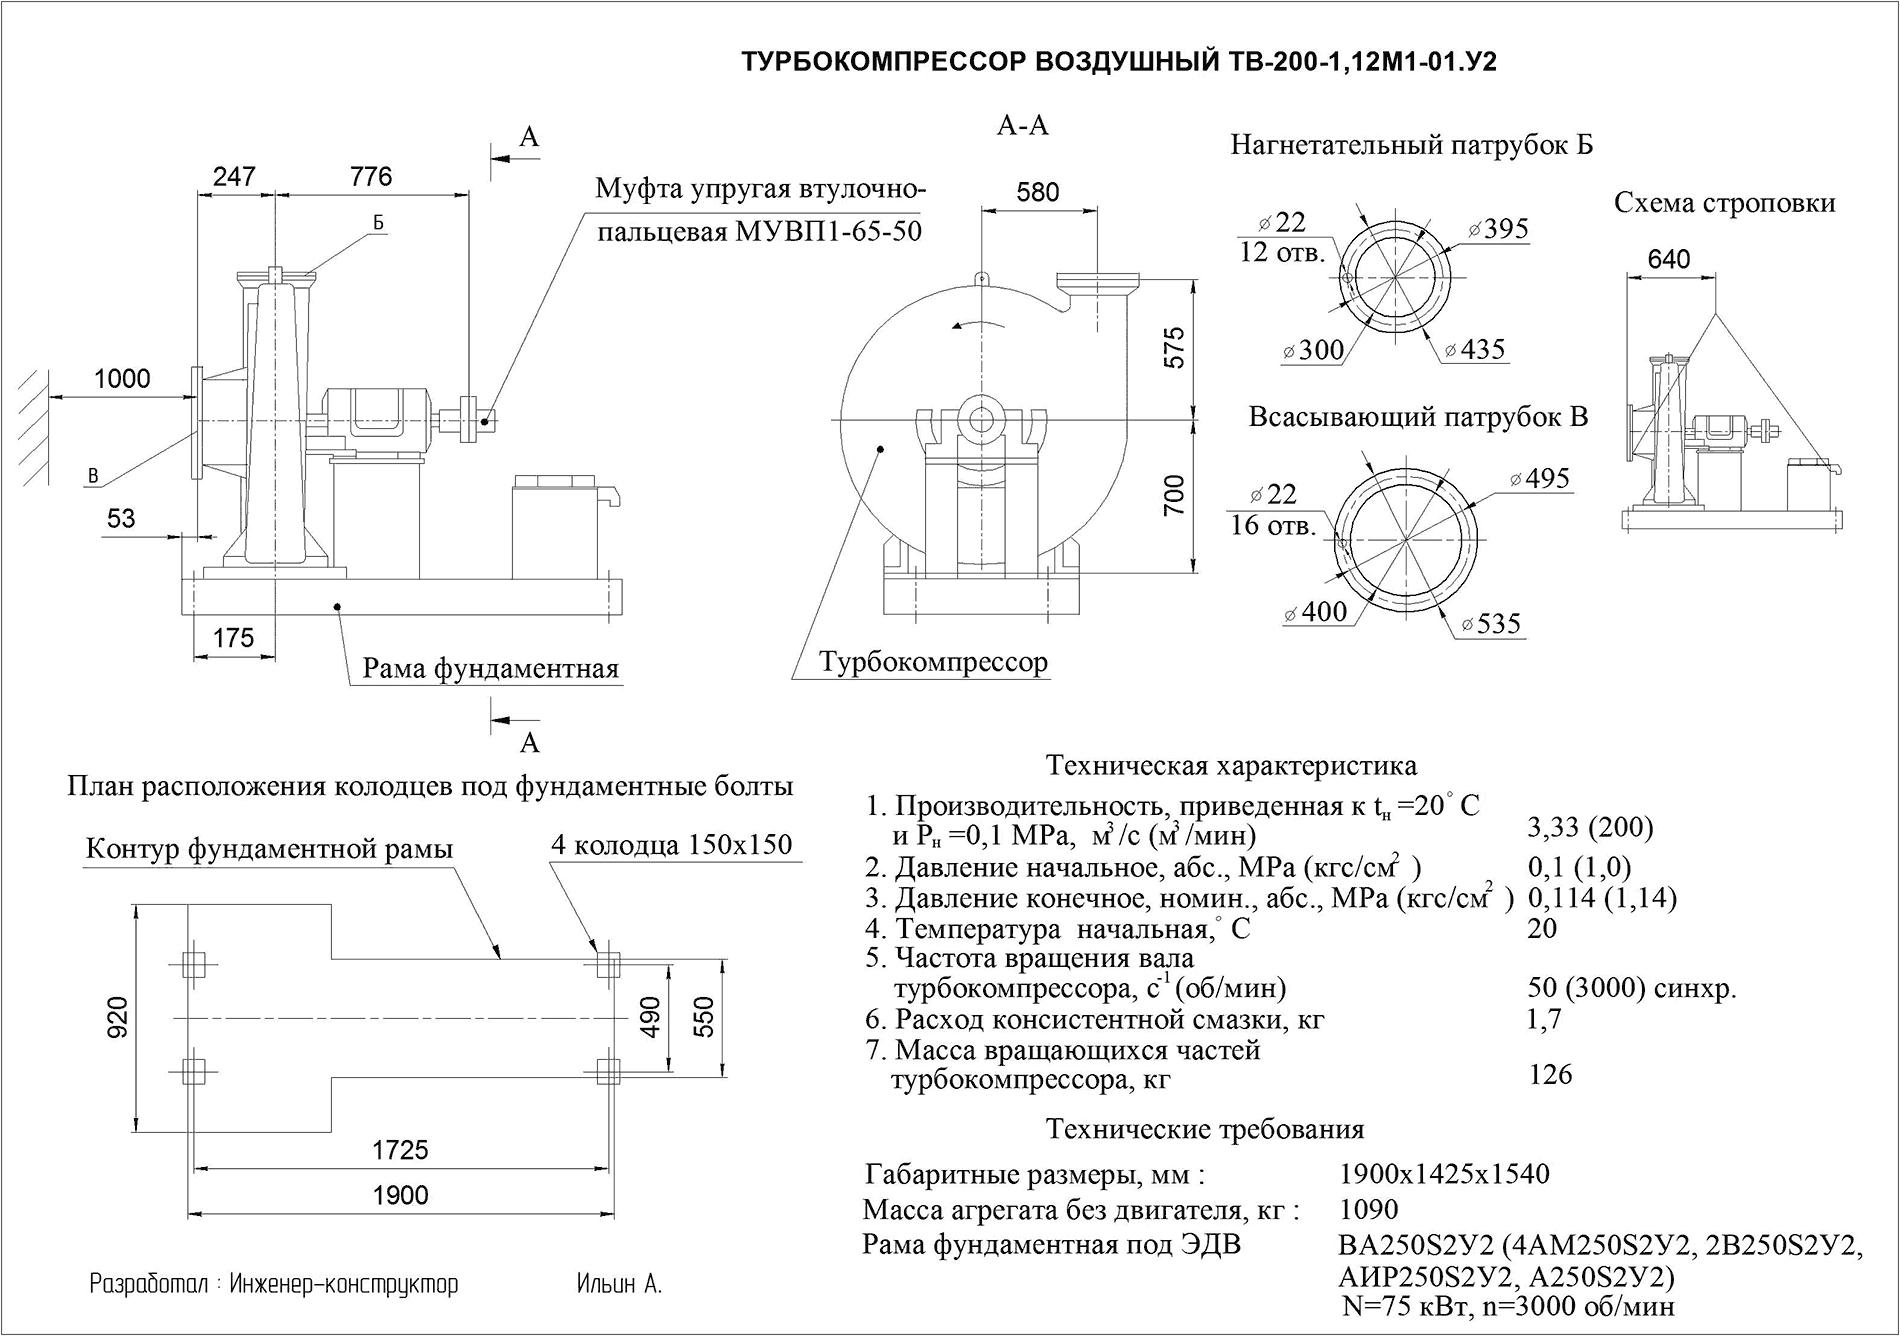 Турбокомпрессор одноступенчатый воздушный ТВ 200-1,12М1-01